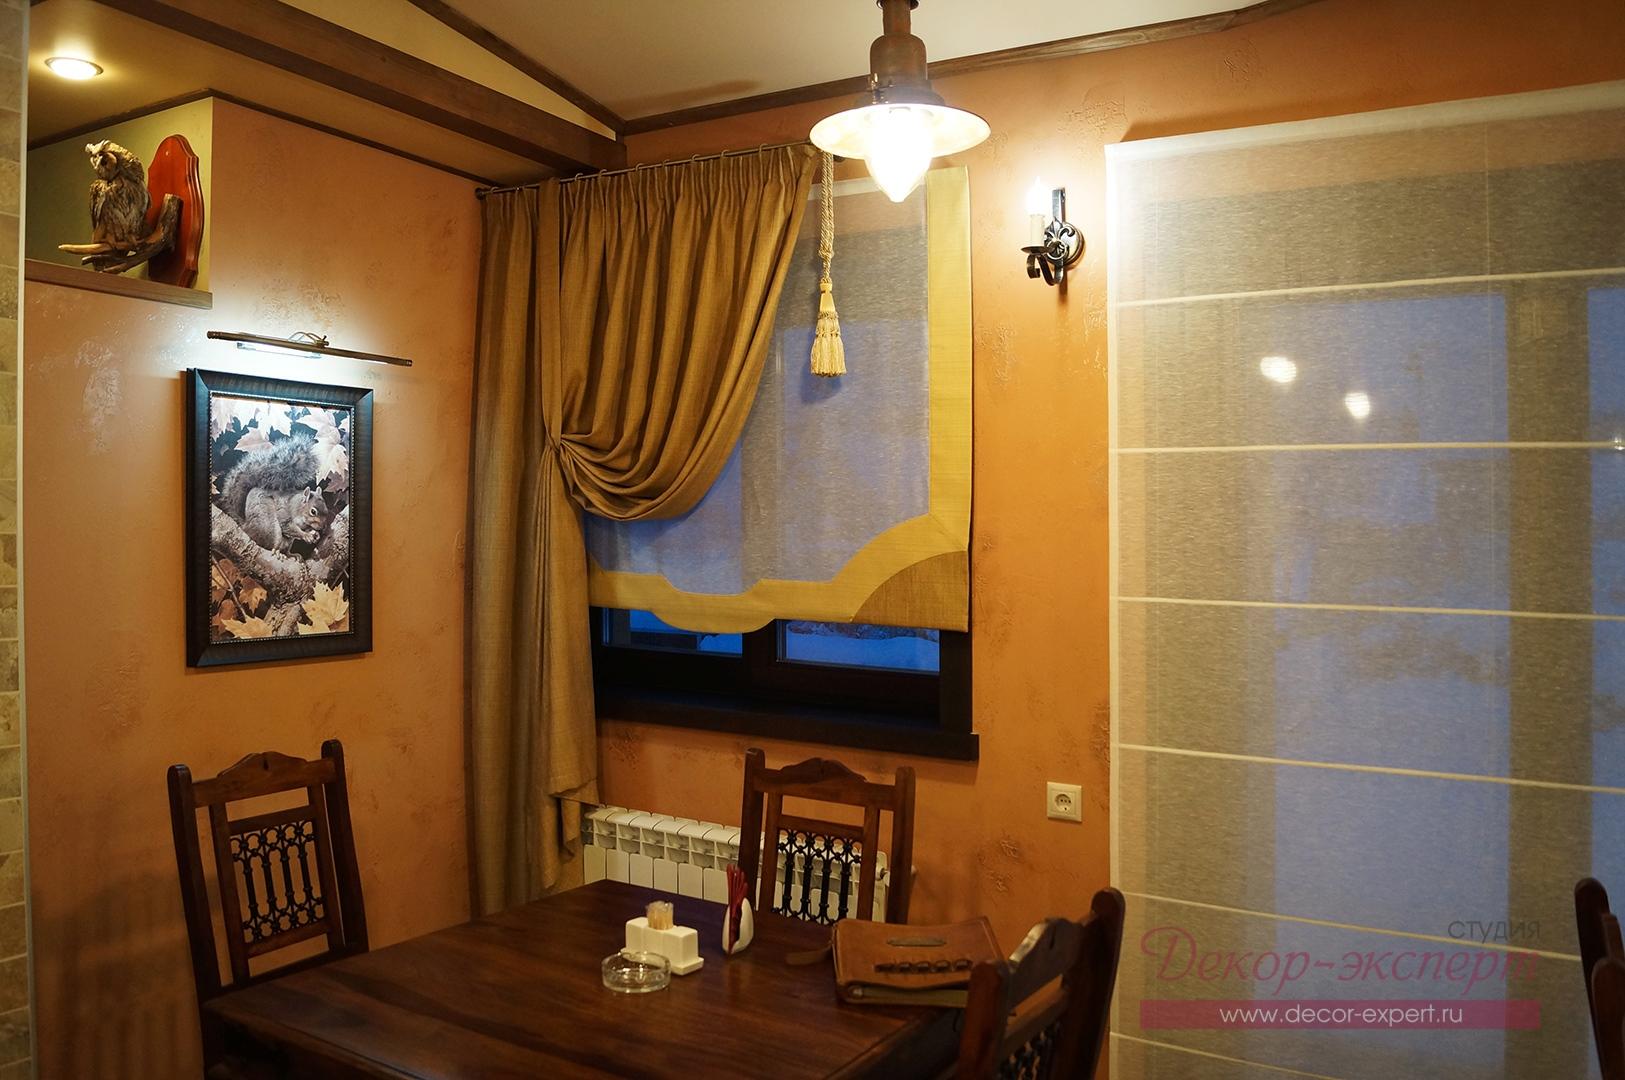 Римские шторы для ресторана в охотничьем стиле.